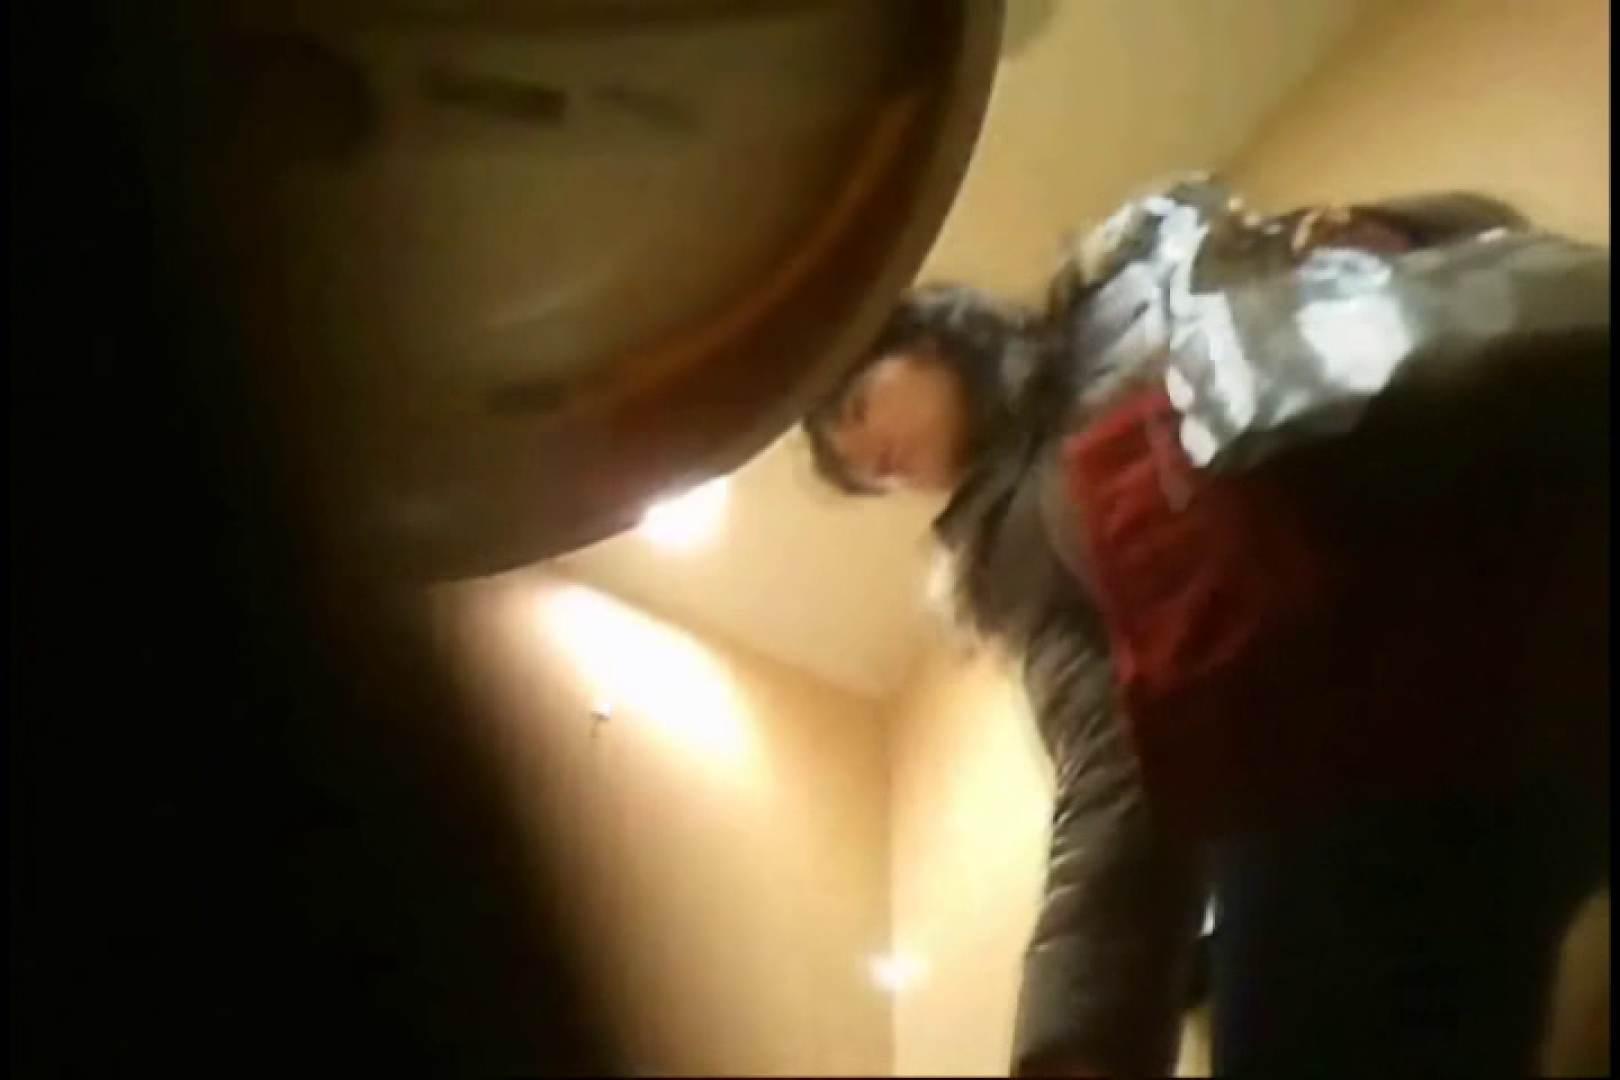 画質向上!新亀さん厠 vol.13 厠・・・ 盗み撮り動画 111PIX 93